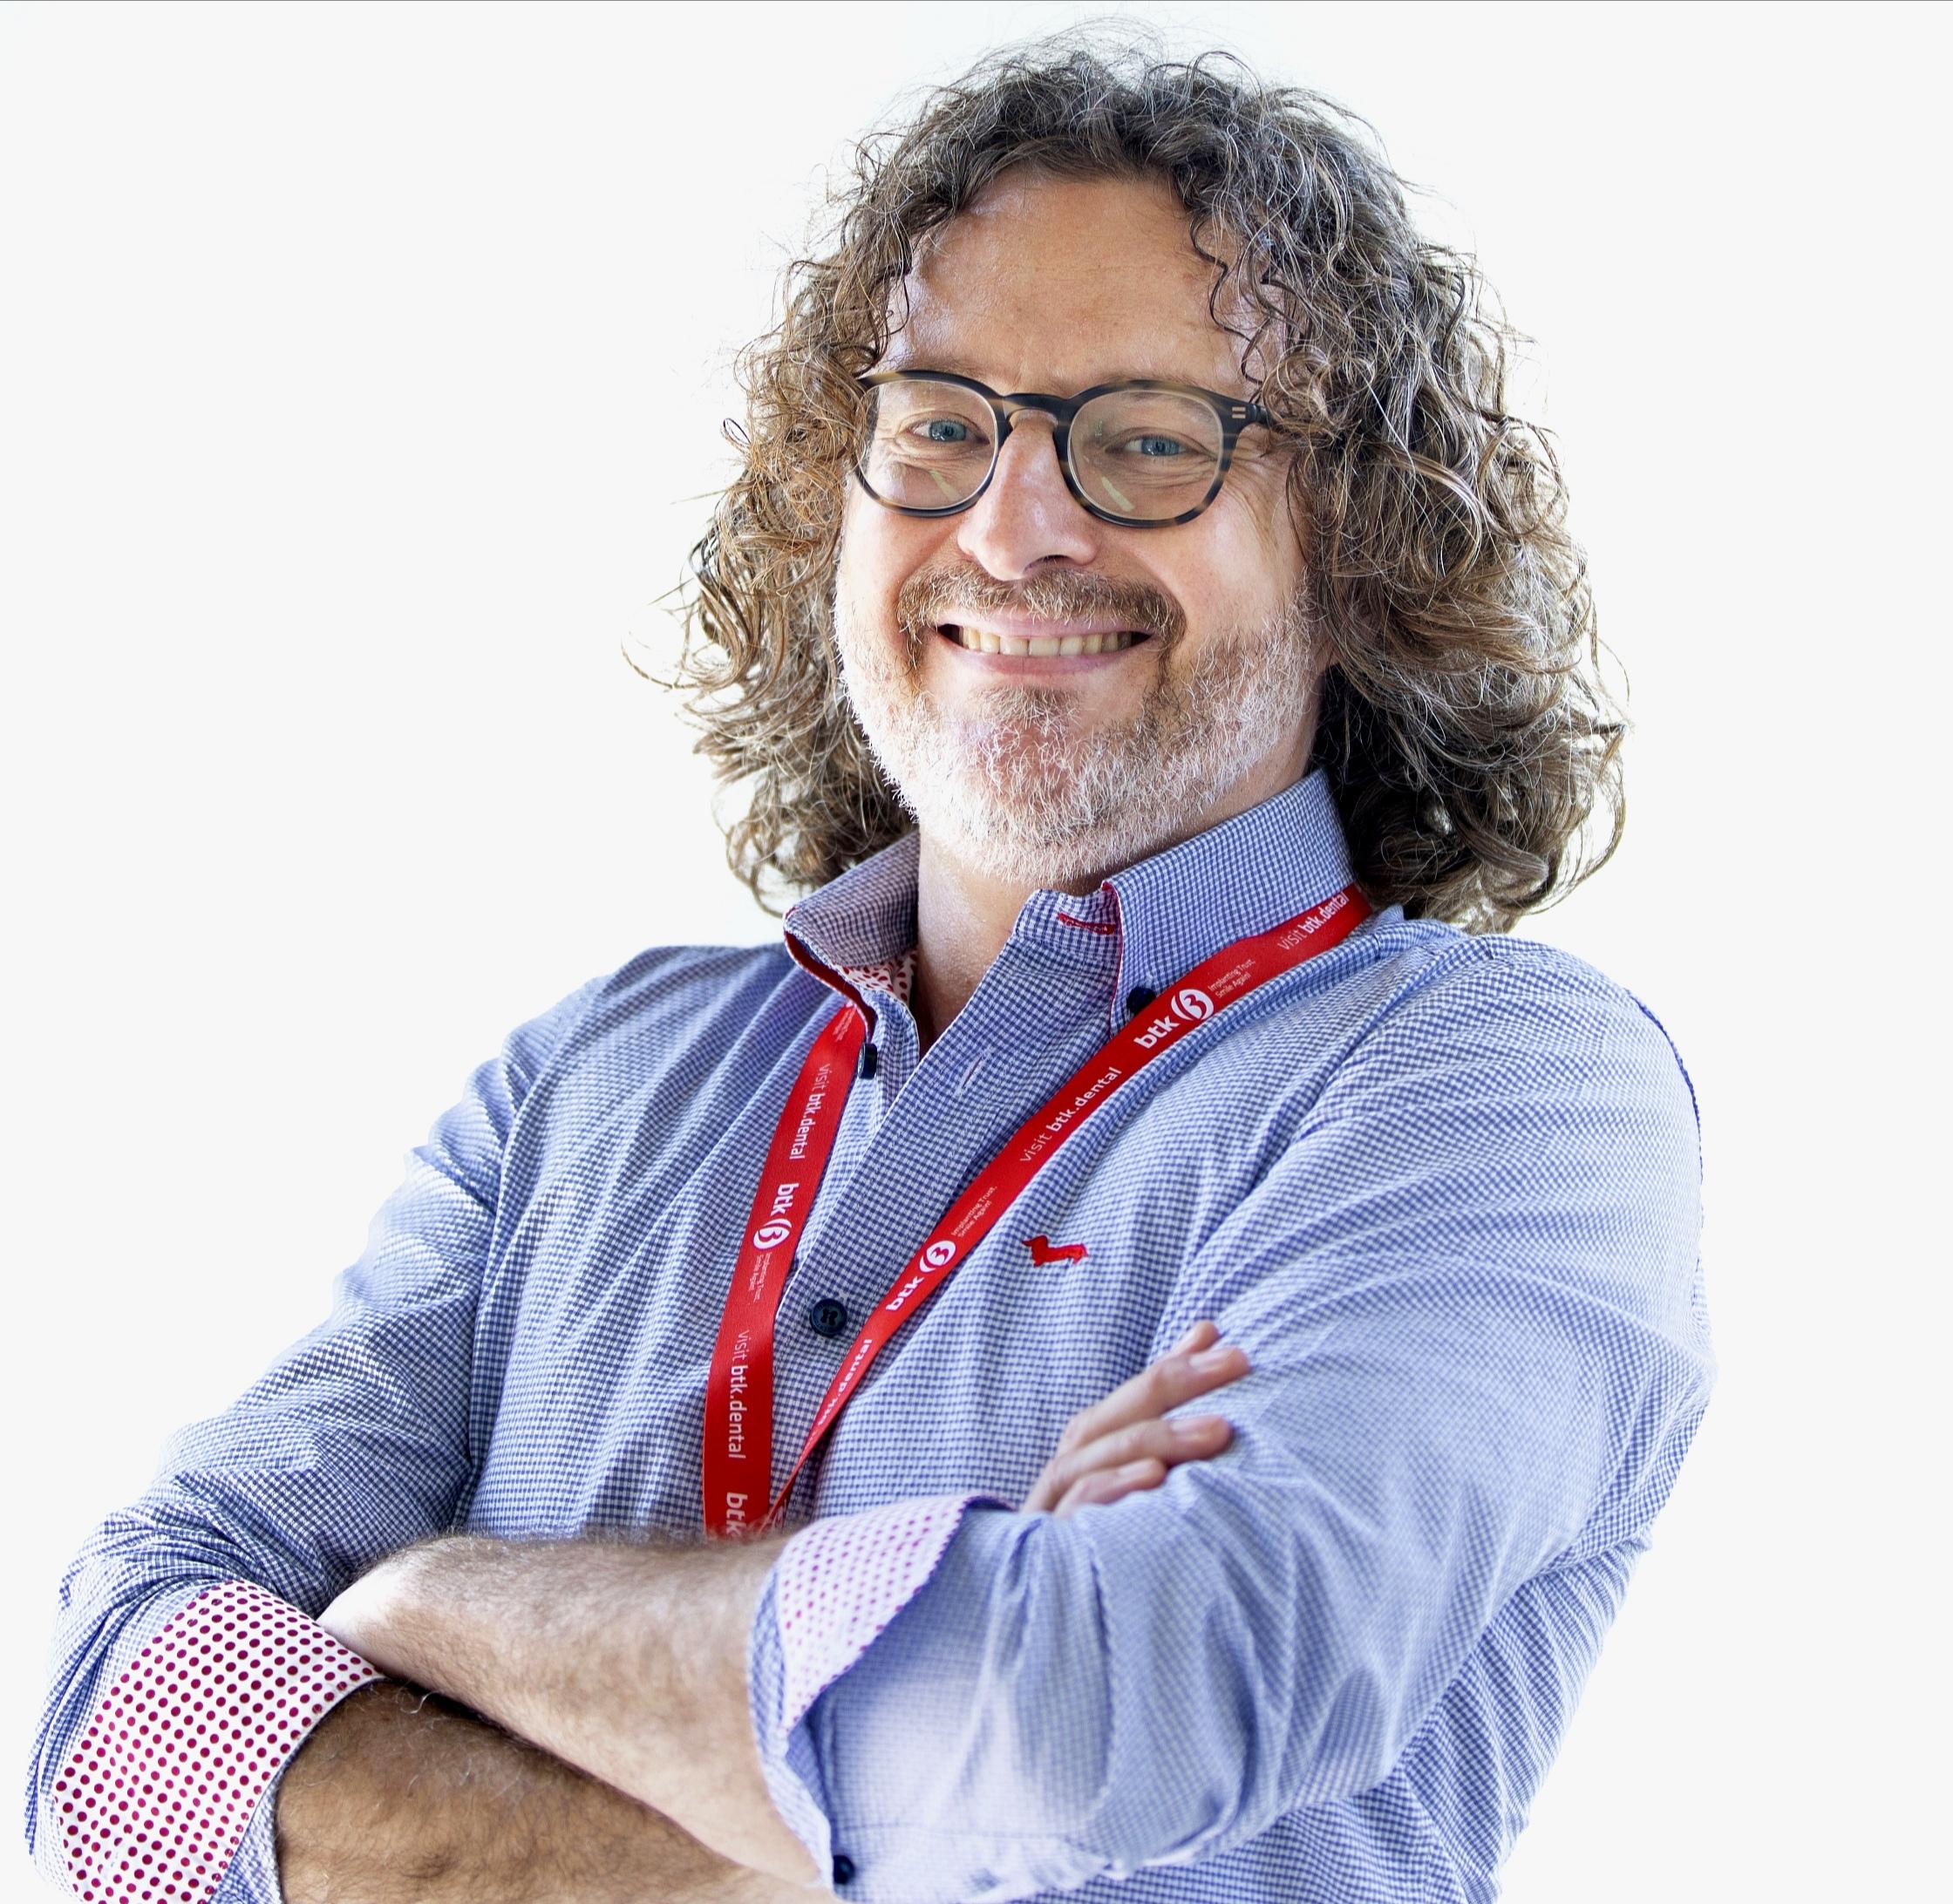 Д-р Кристиян Баччи